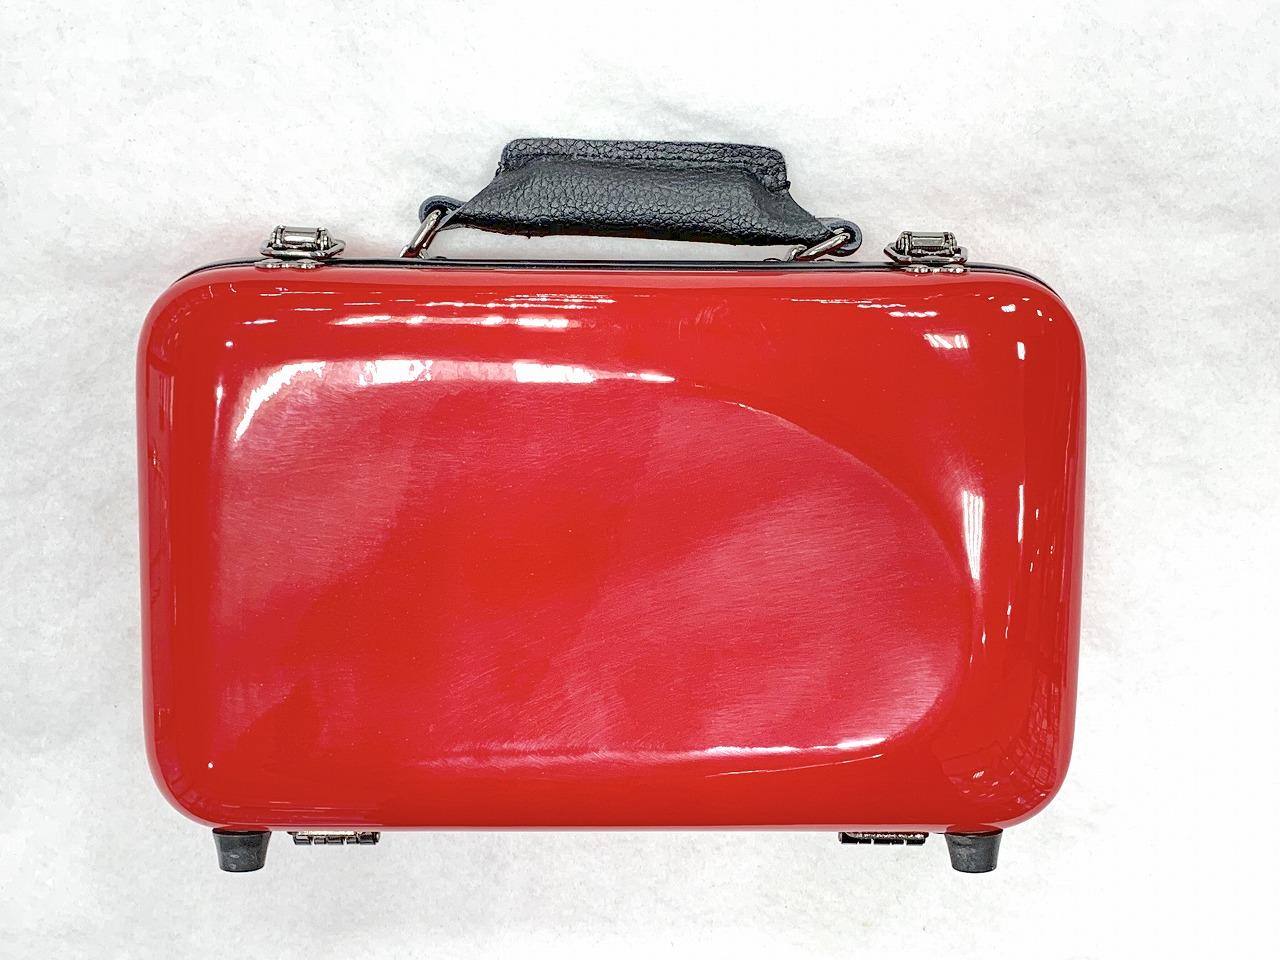 CRF1000TSRD Red クロスロック テナーサックス用ハードケース 【smtb-KD】 【RCP】 レッド CROSSROCK 管楽器